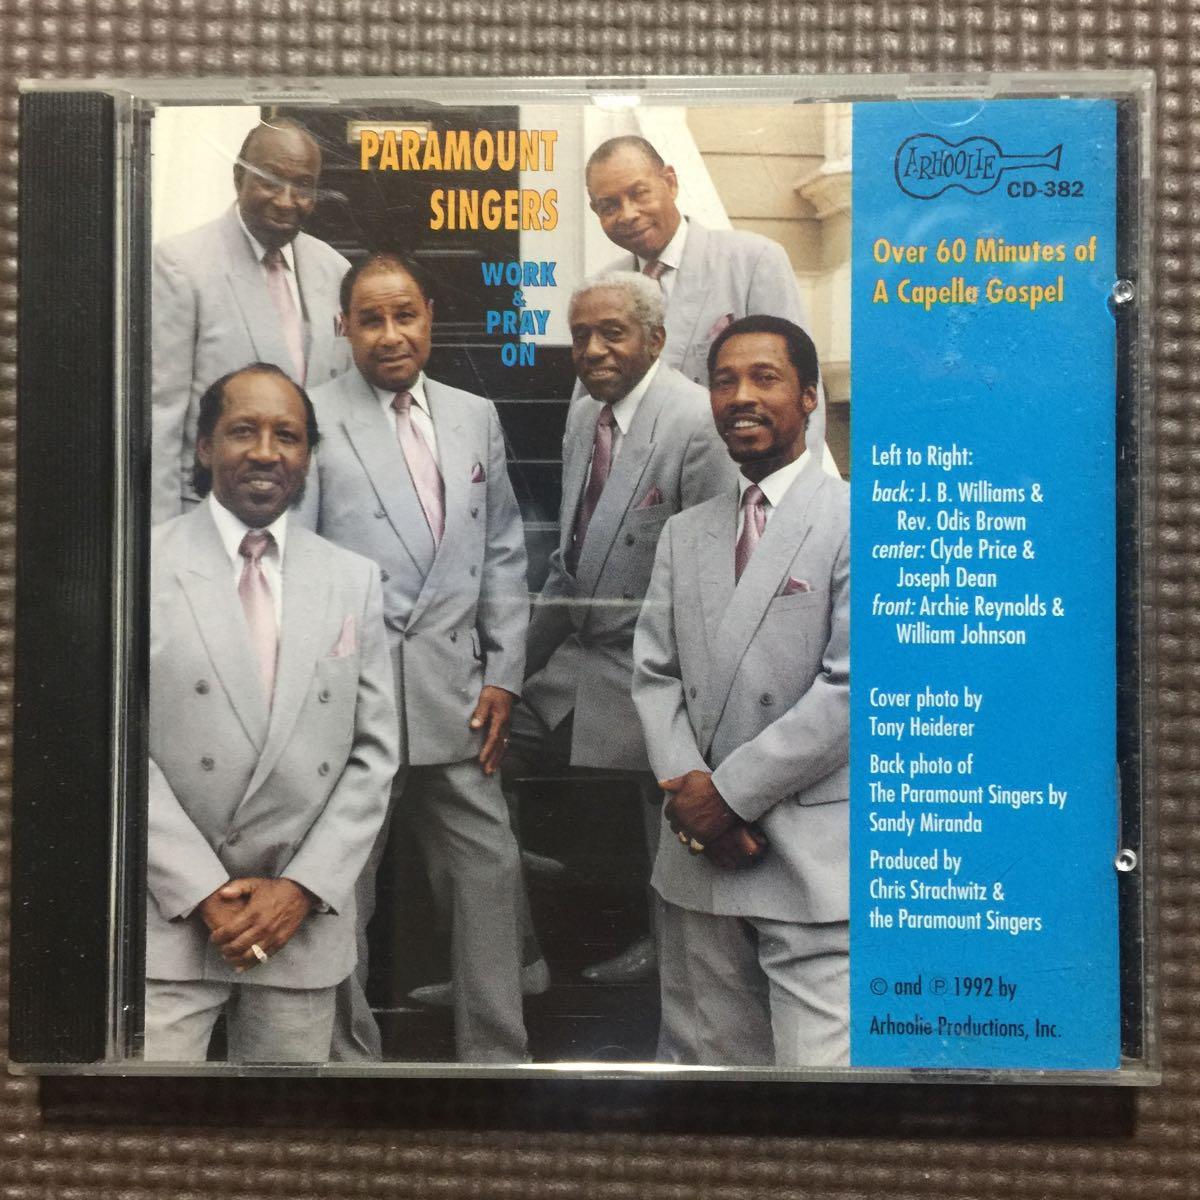 ザ・パラマウント・シンガーズ ワーク・アンド・プレイ・オン 輸入盤国内仕様 CD